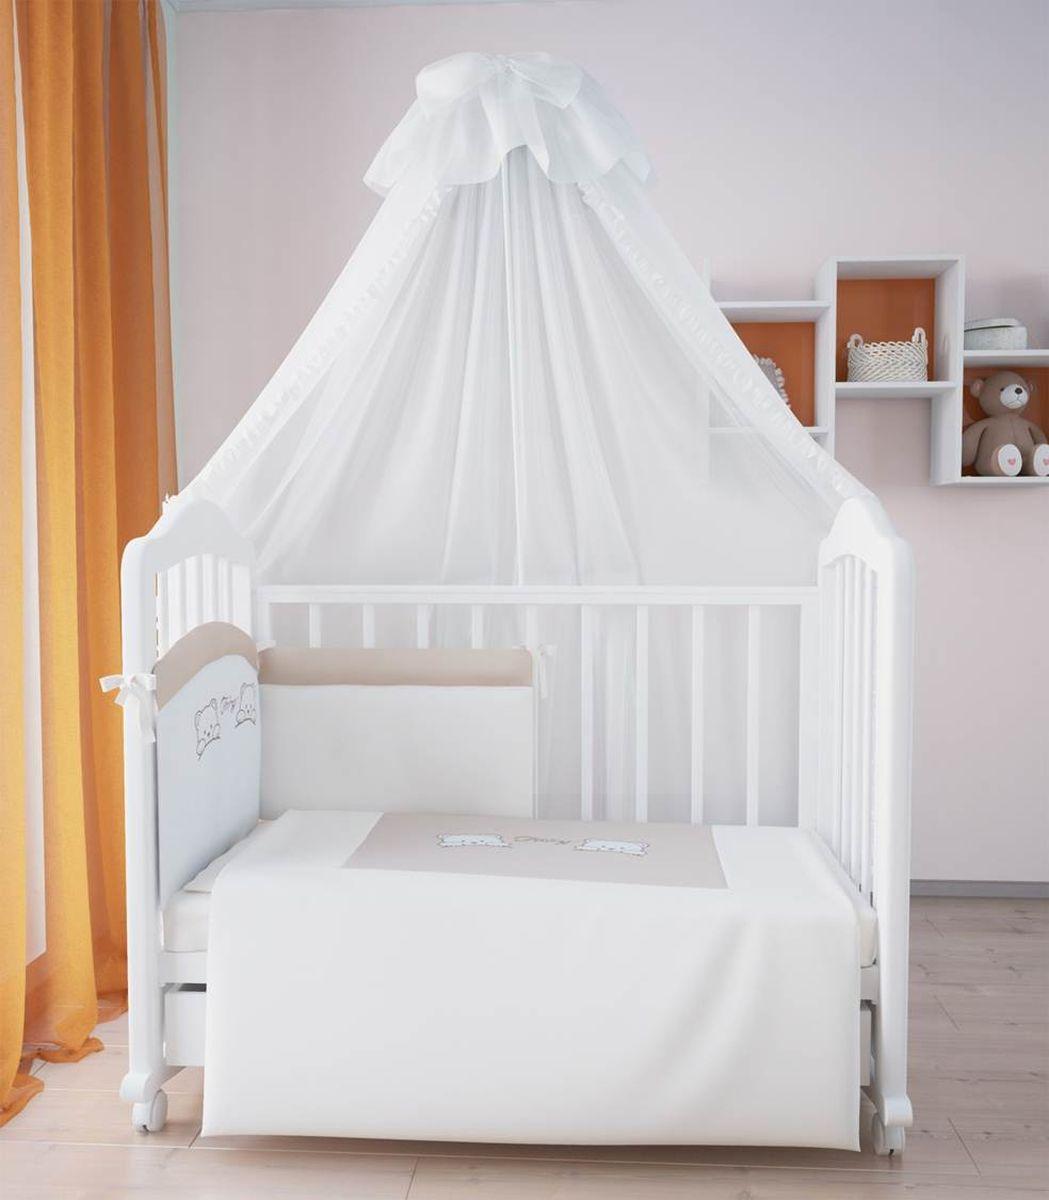 Fairy Комплект белья для новорожденных цвет бежевый коричневый 7 предметов подставка для украшений miolla pu003